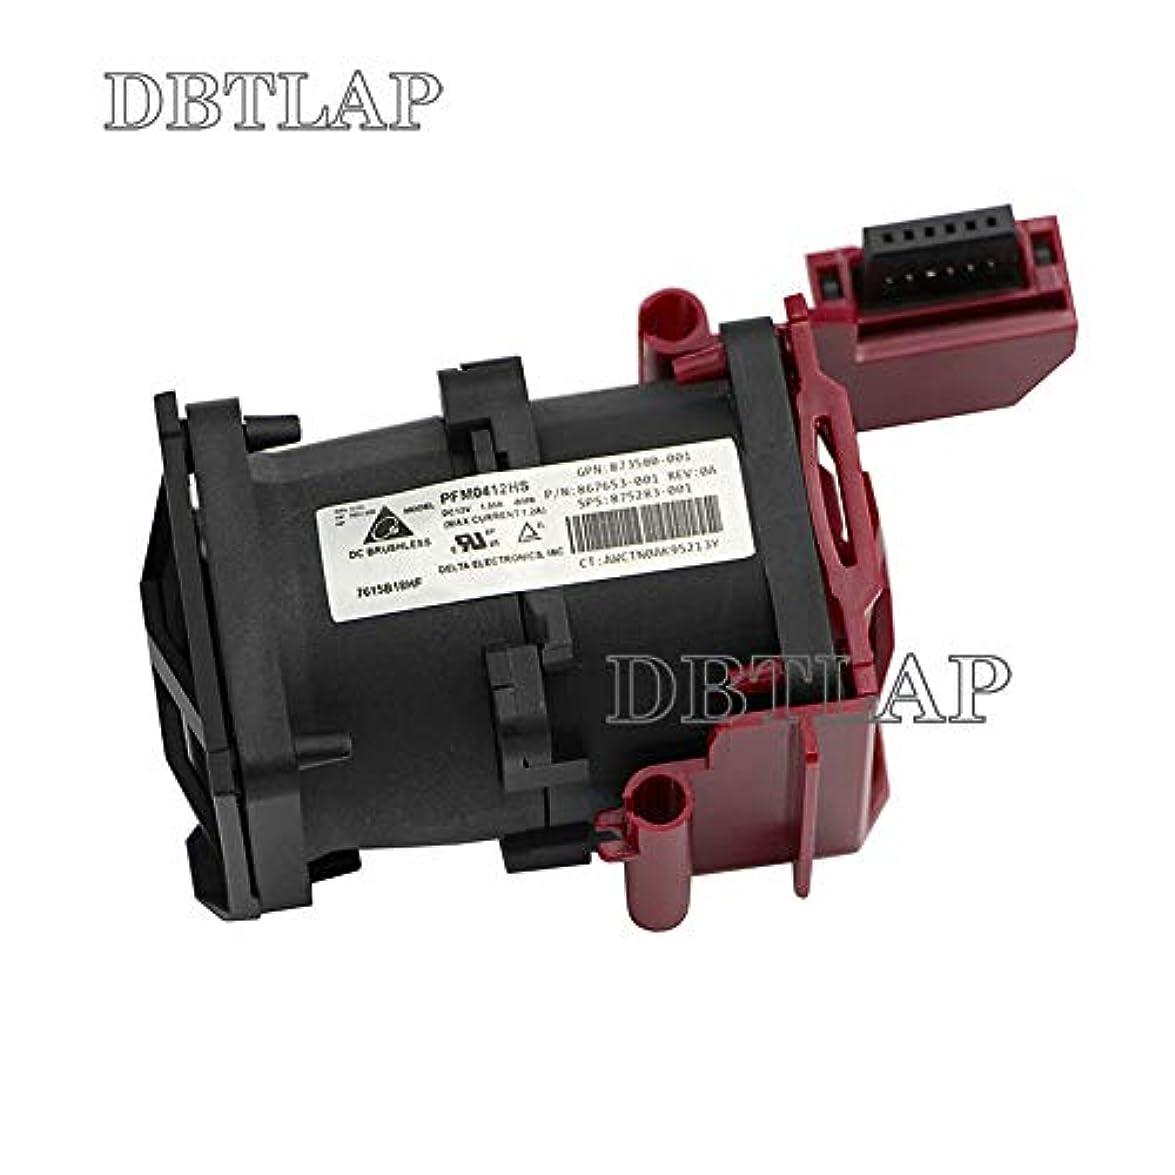 ゴール形成折り目DBTLAP 冷却 ファン 互換性あり にとって HP 360 G10 ファン 873580-001,875283-001,879656-001,873799-001 サーバ 冷却 ファン